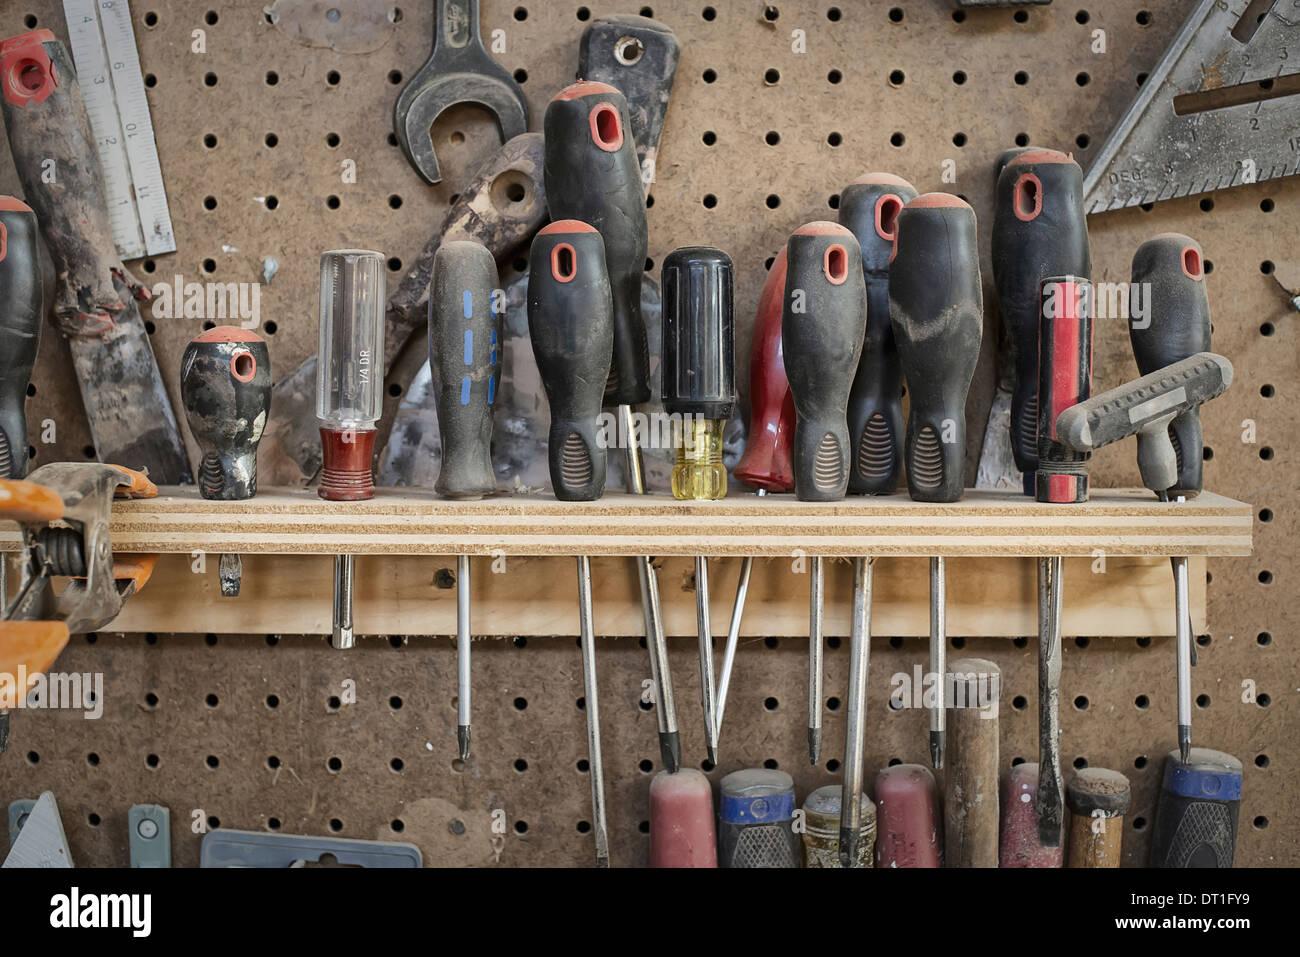 Un legname rigenerati workshop un utensile bordo con slot per cacciaviti e palmare gli strumenti per la lavorazione del legno Immagini Stock